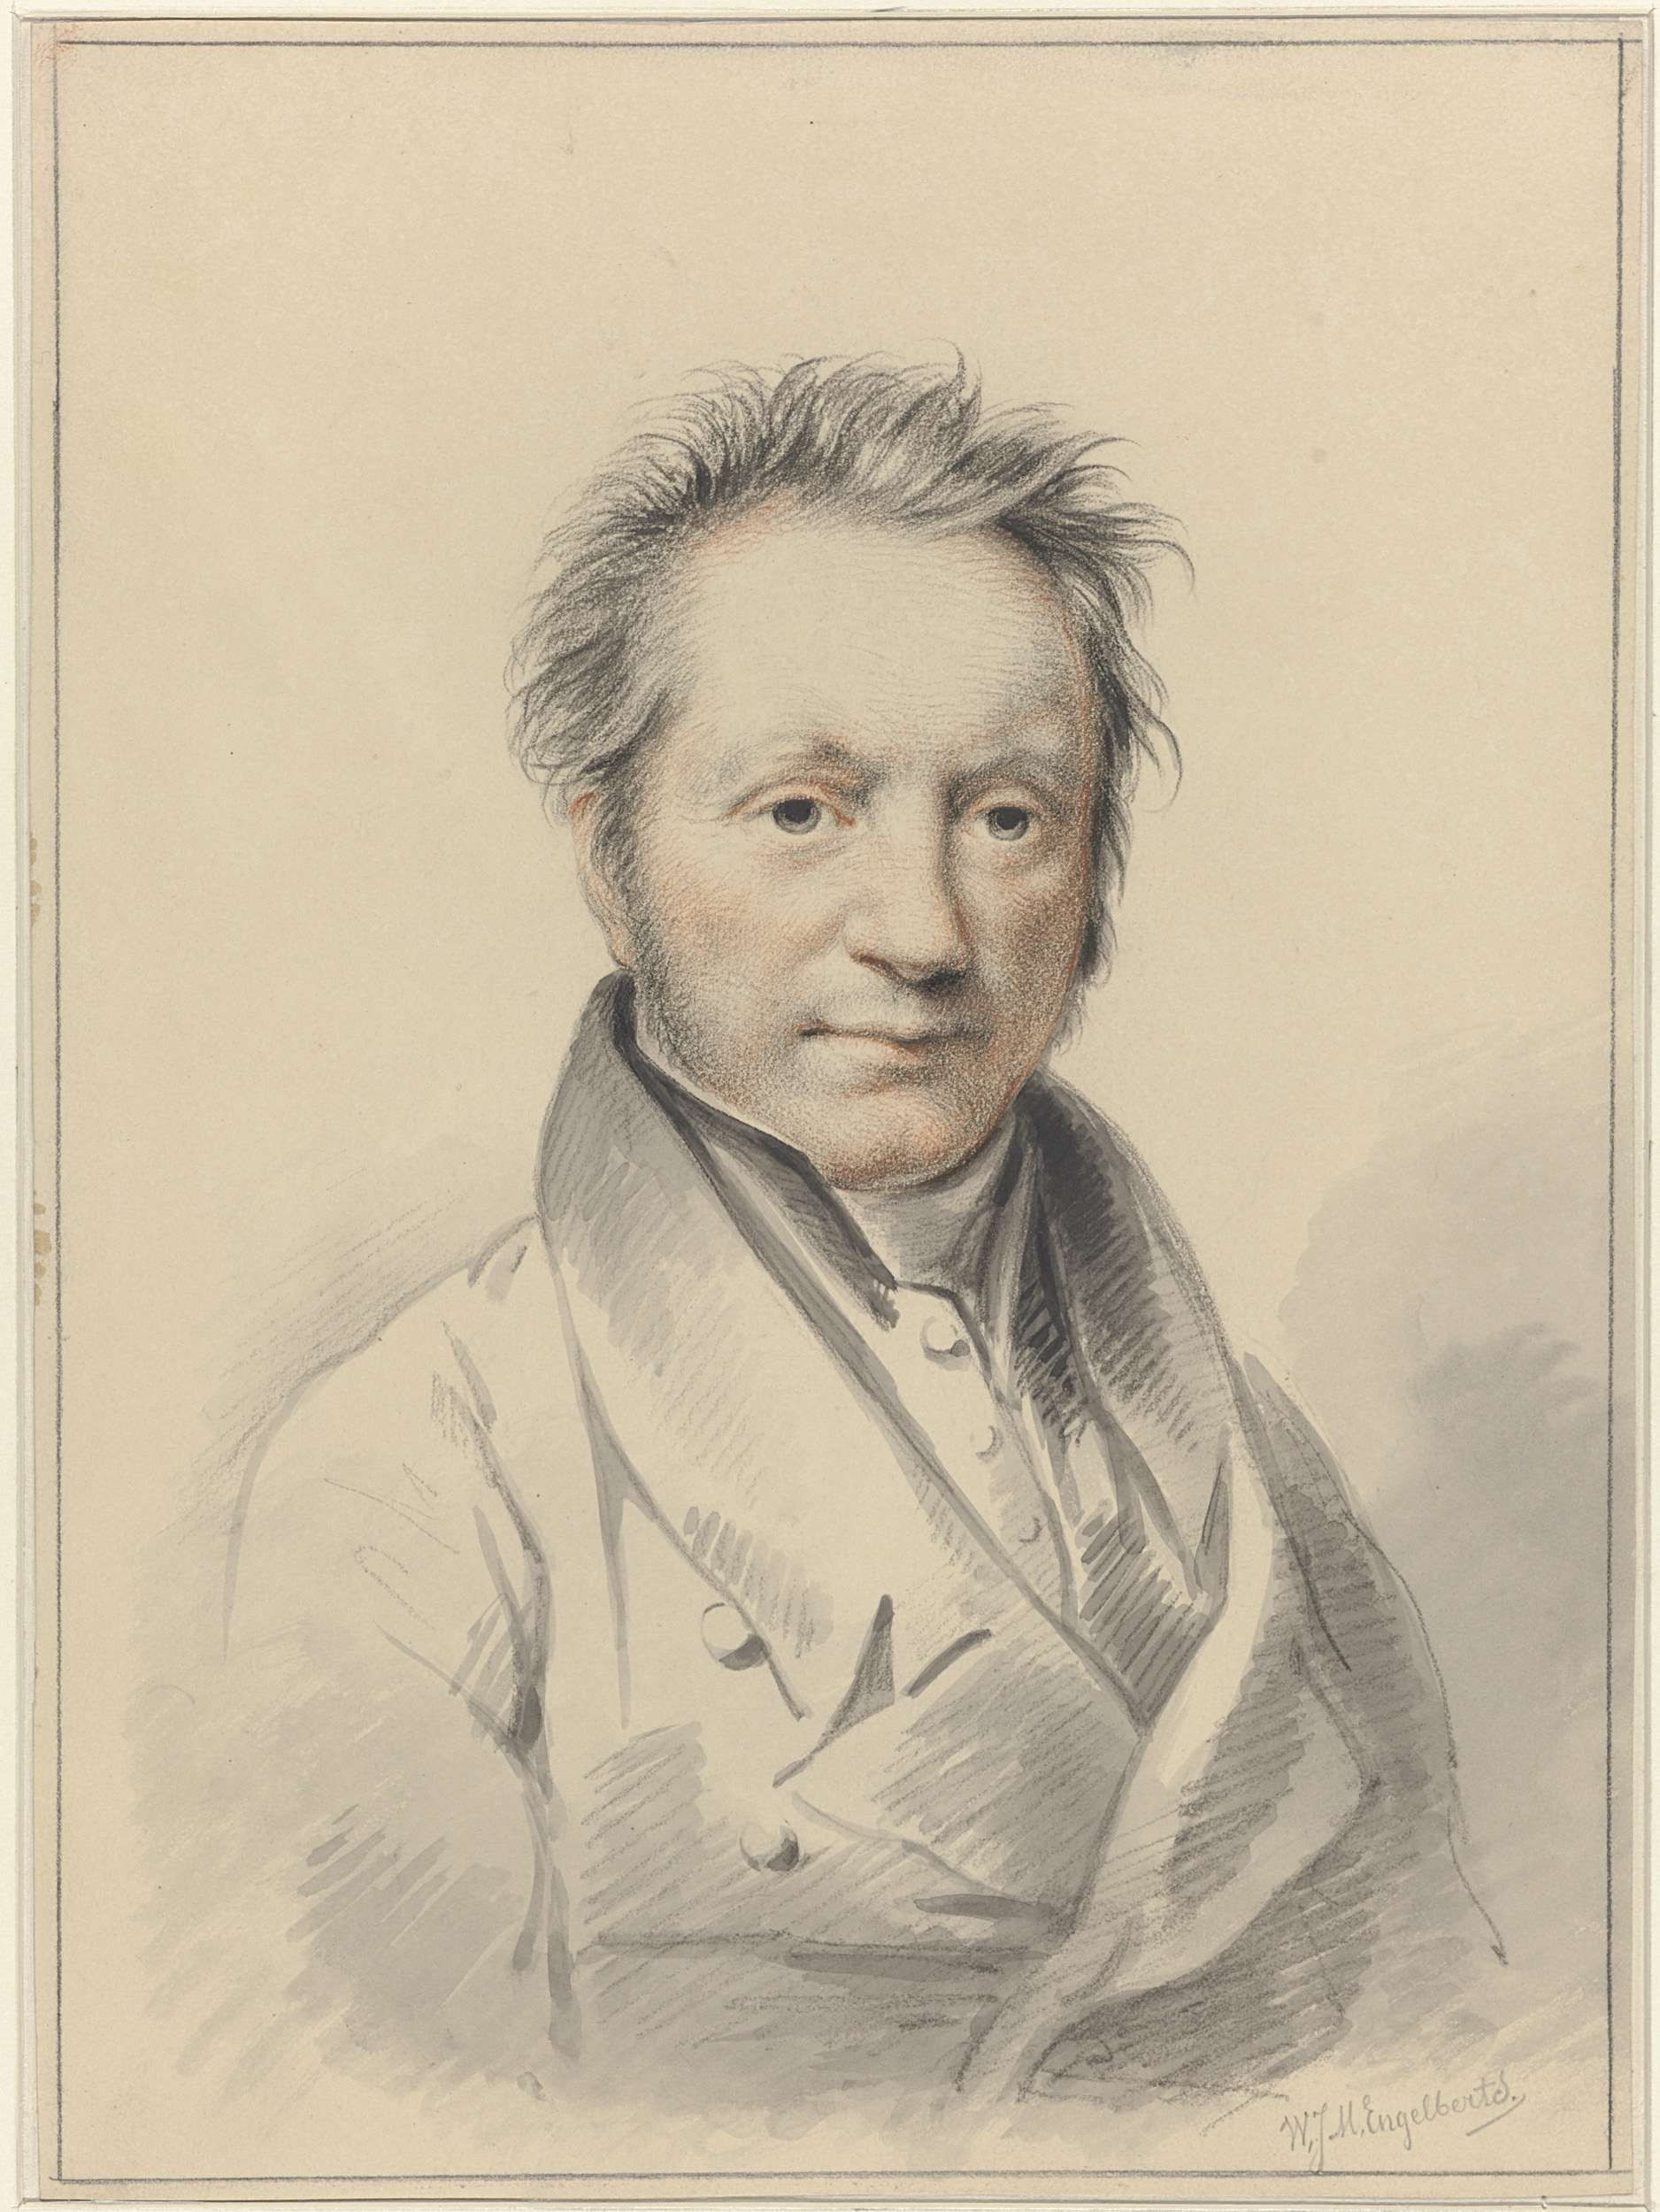 Willem Jodocus Mattheus Engelberts | Portret van Engelbert Michael Engelberts, Willem Jodocus Mattheus Engelberts, 1819 - 1887 |